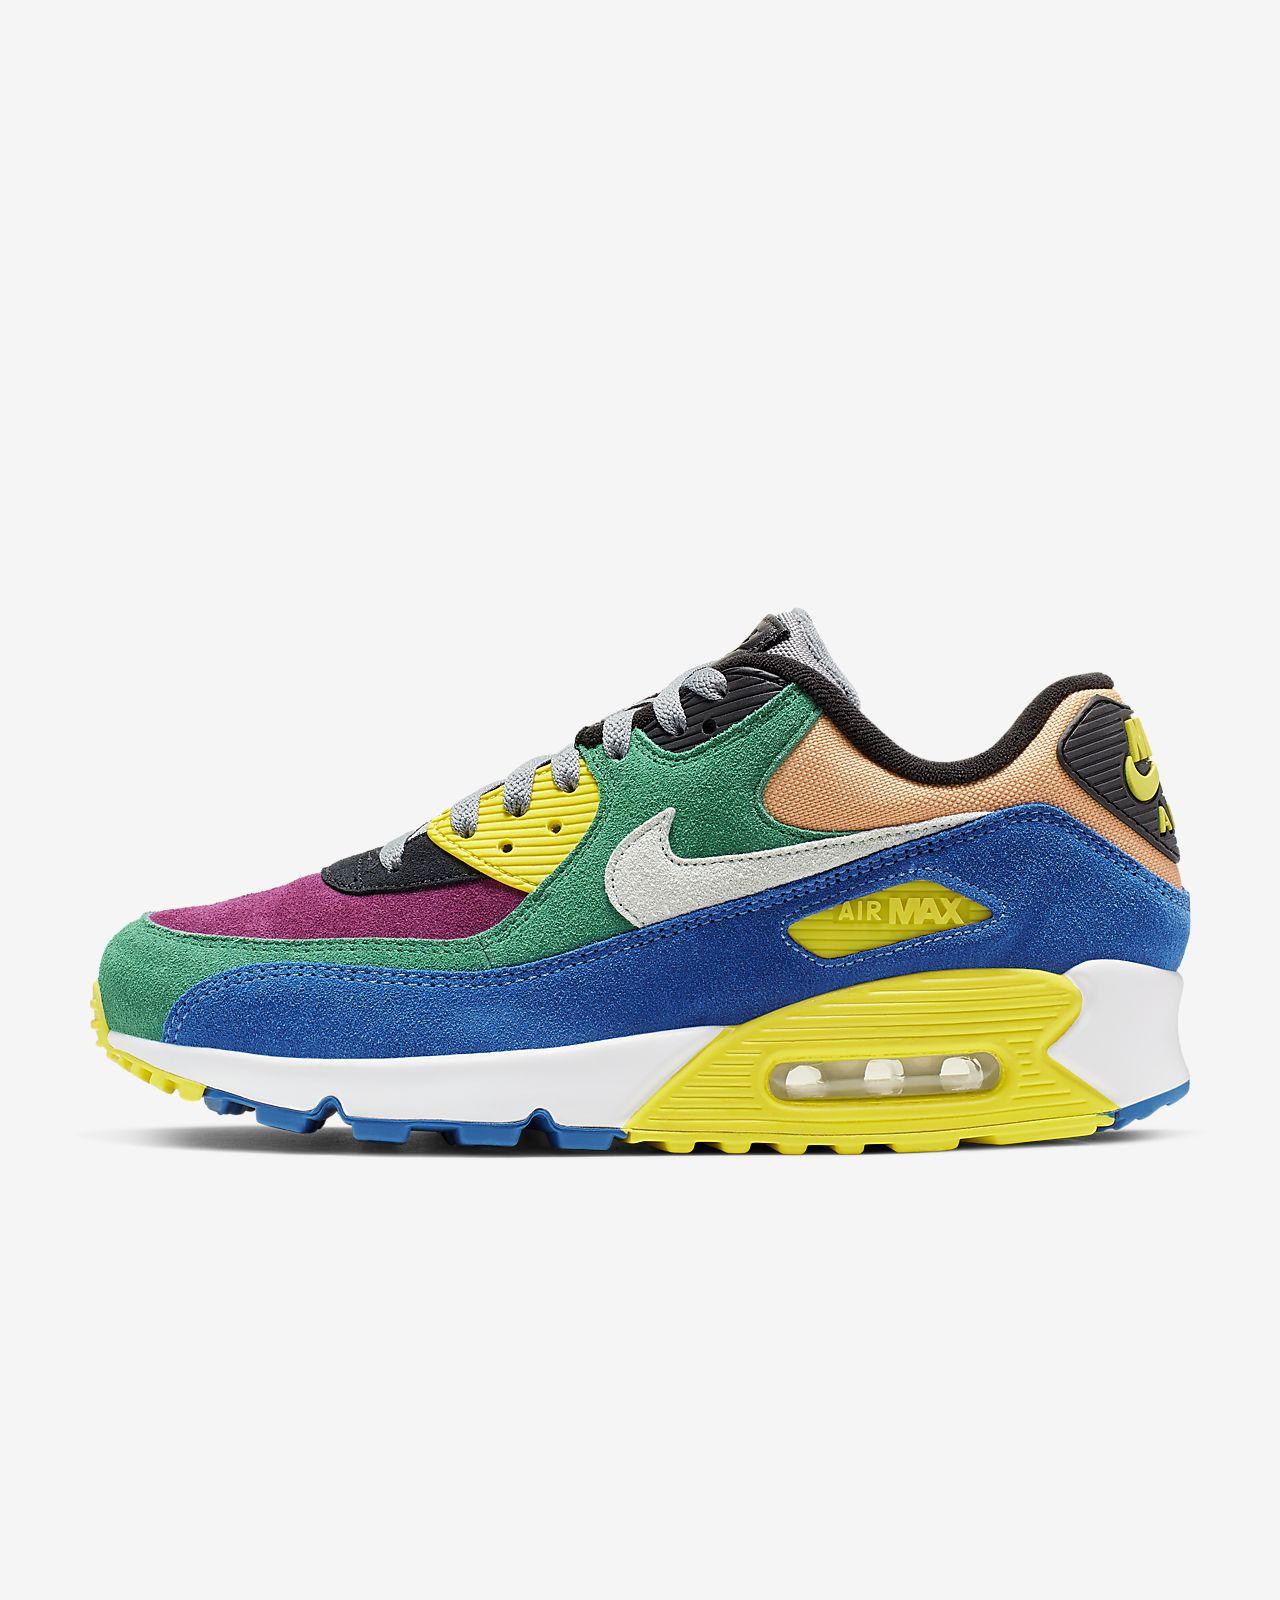 Nike Air Max QS 90 Viotech, neu, Sneaker,Schuhe, Gr.44 Eur, 10 US